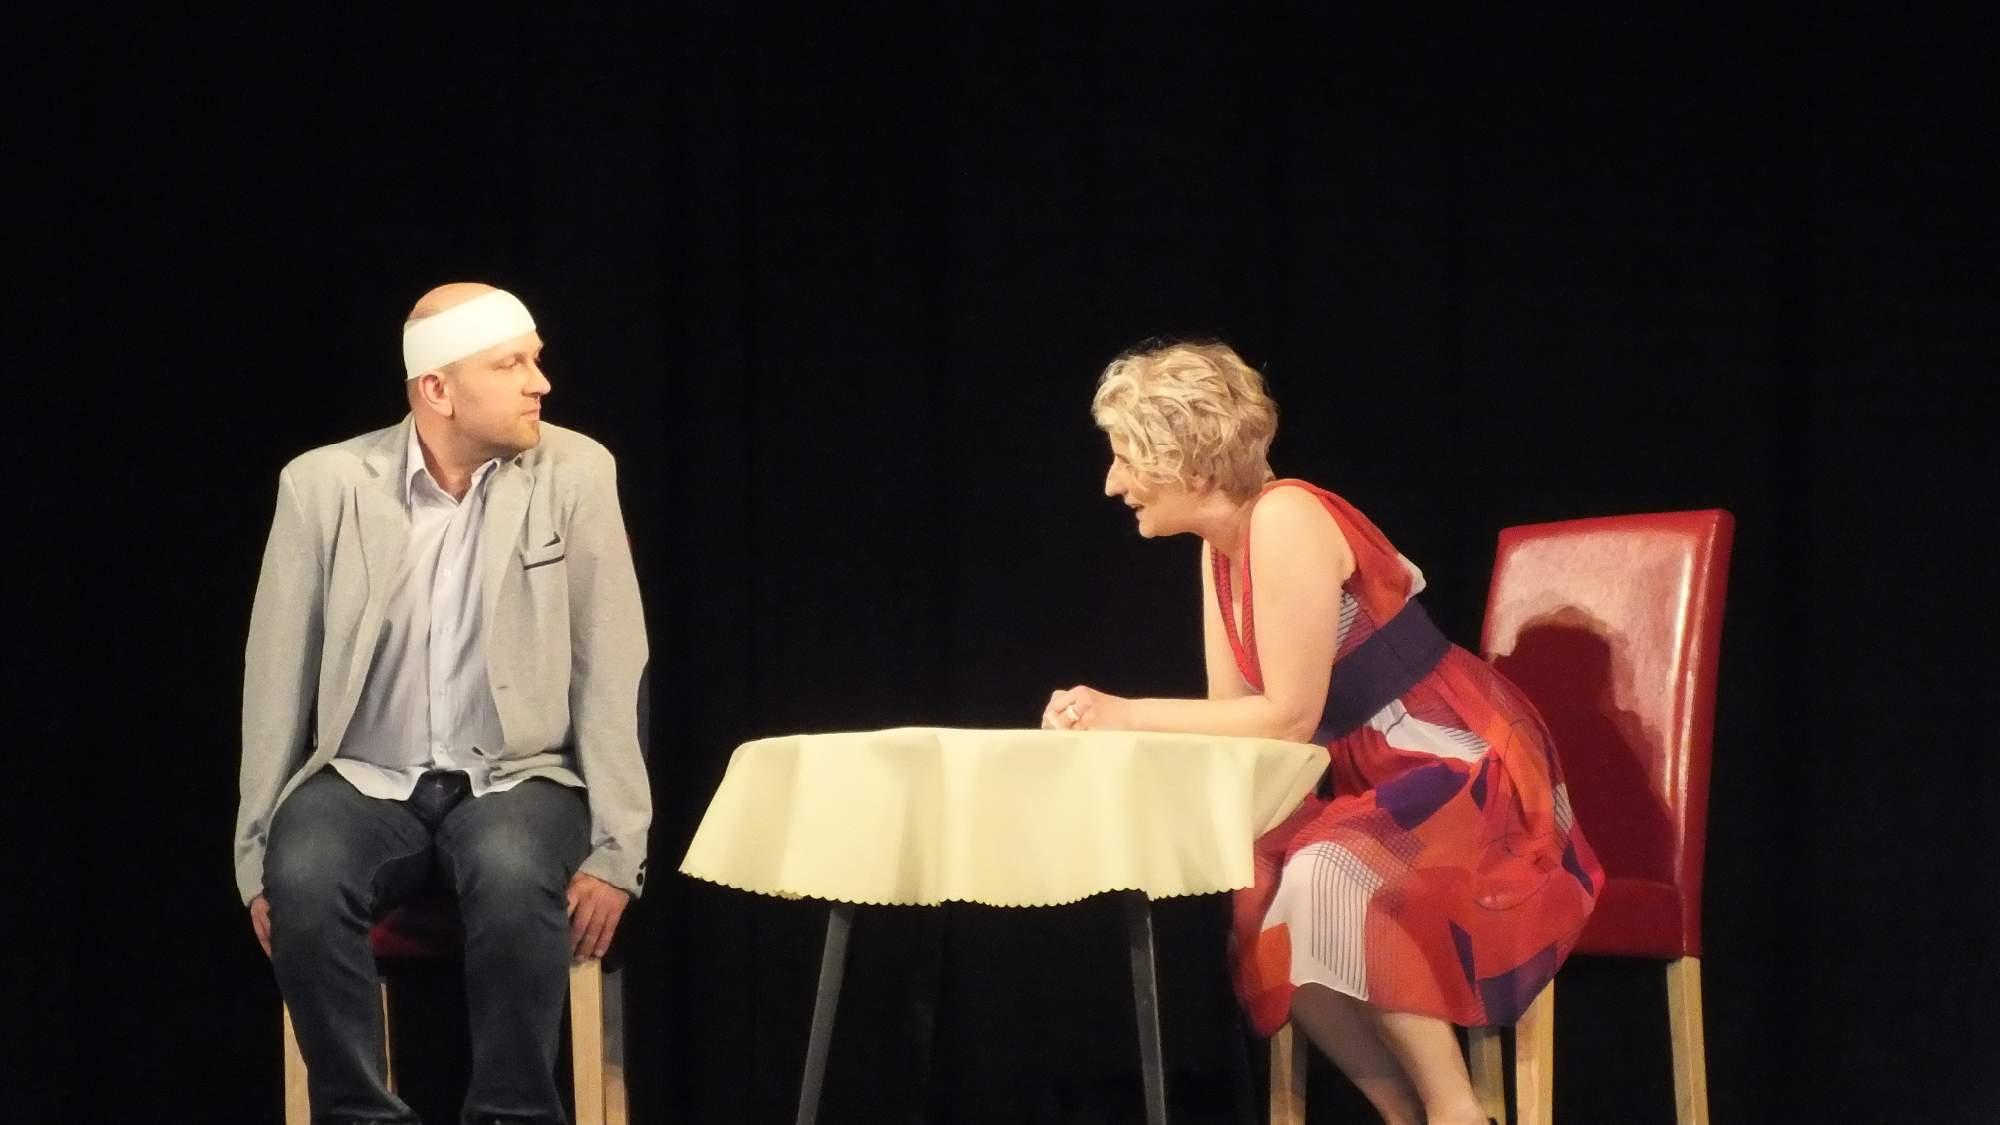 Divadelníci z Brněnce nastudovali tragikomedii Manželské vraždění. Foto: Nikola Pavlasová